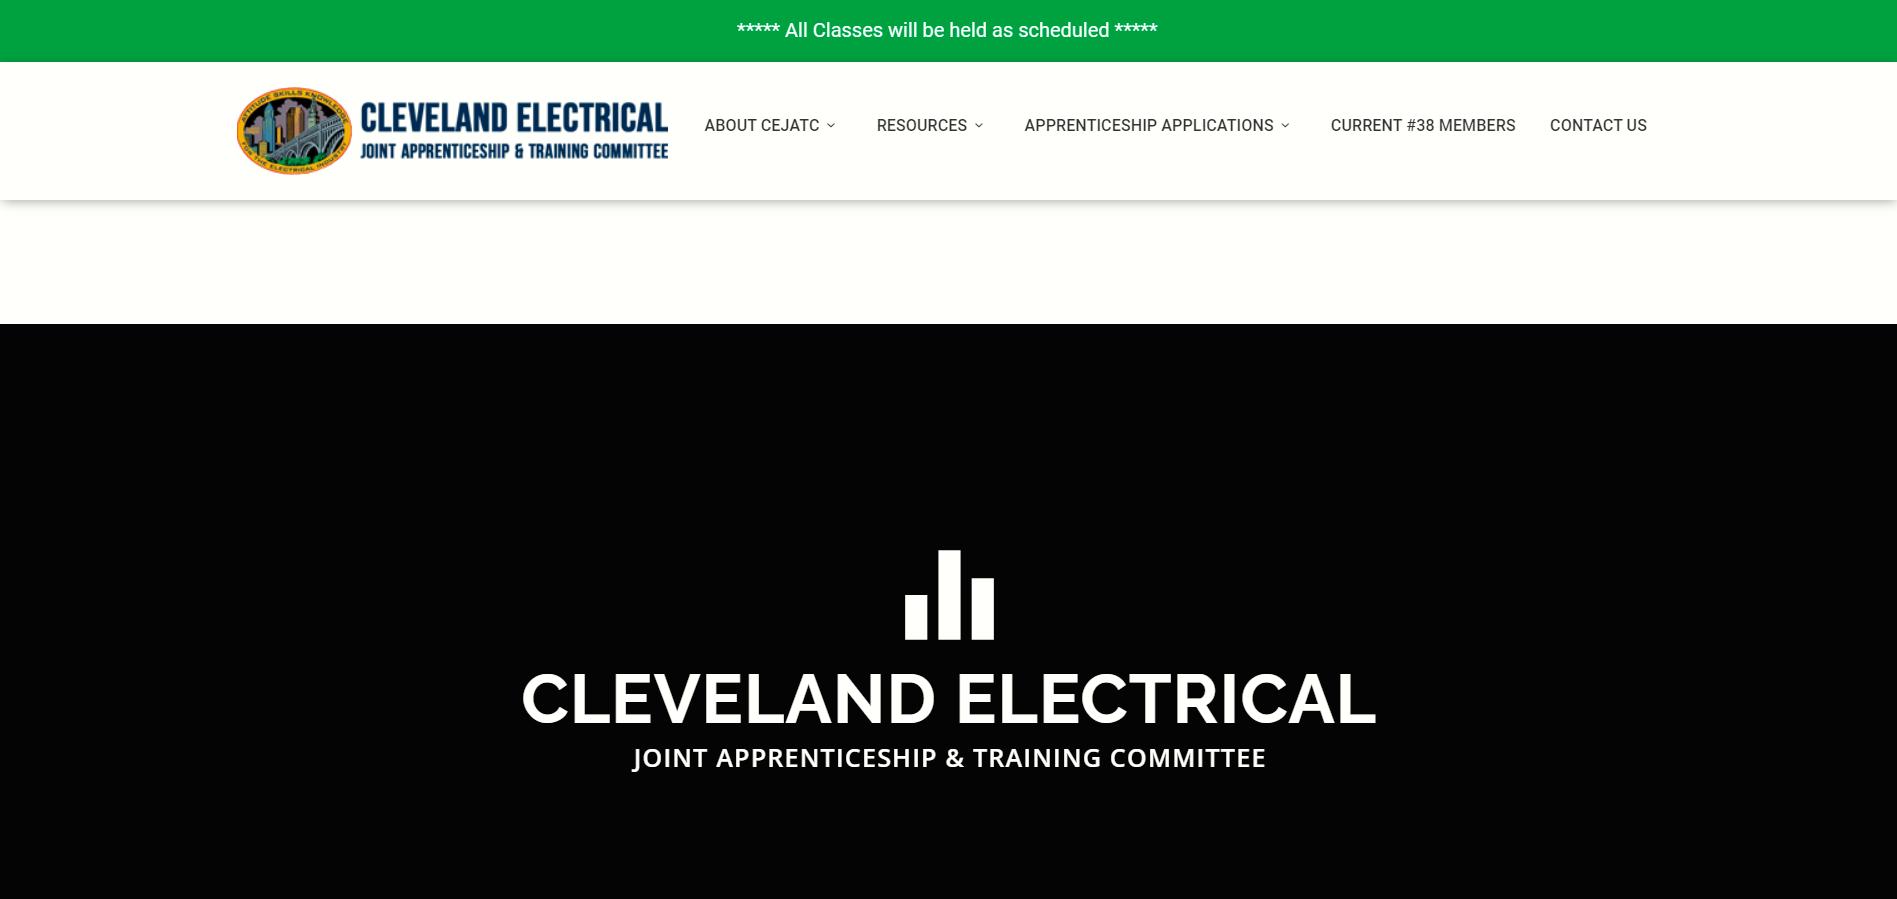 cleveland electrical jatc